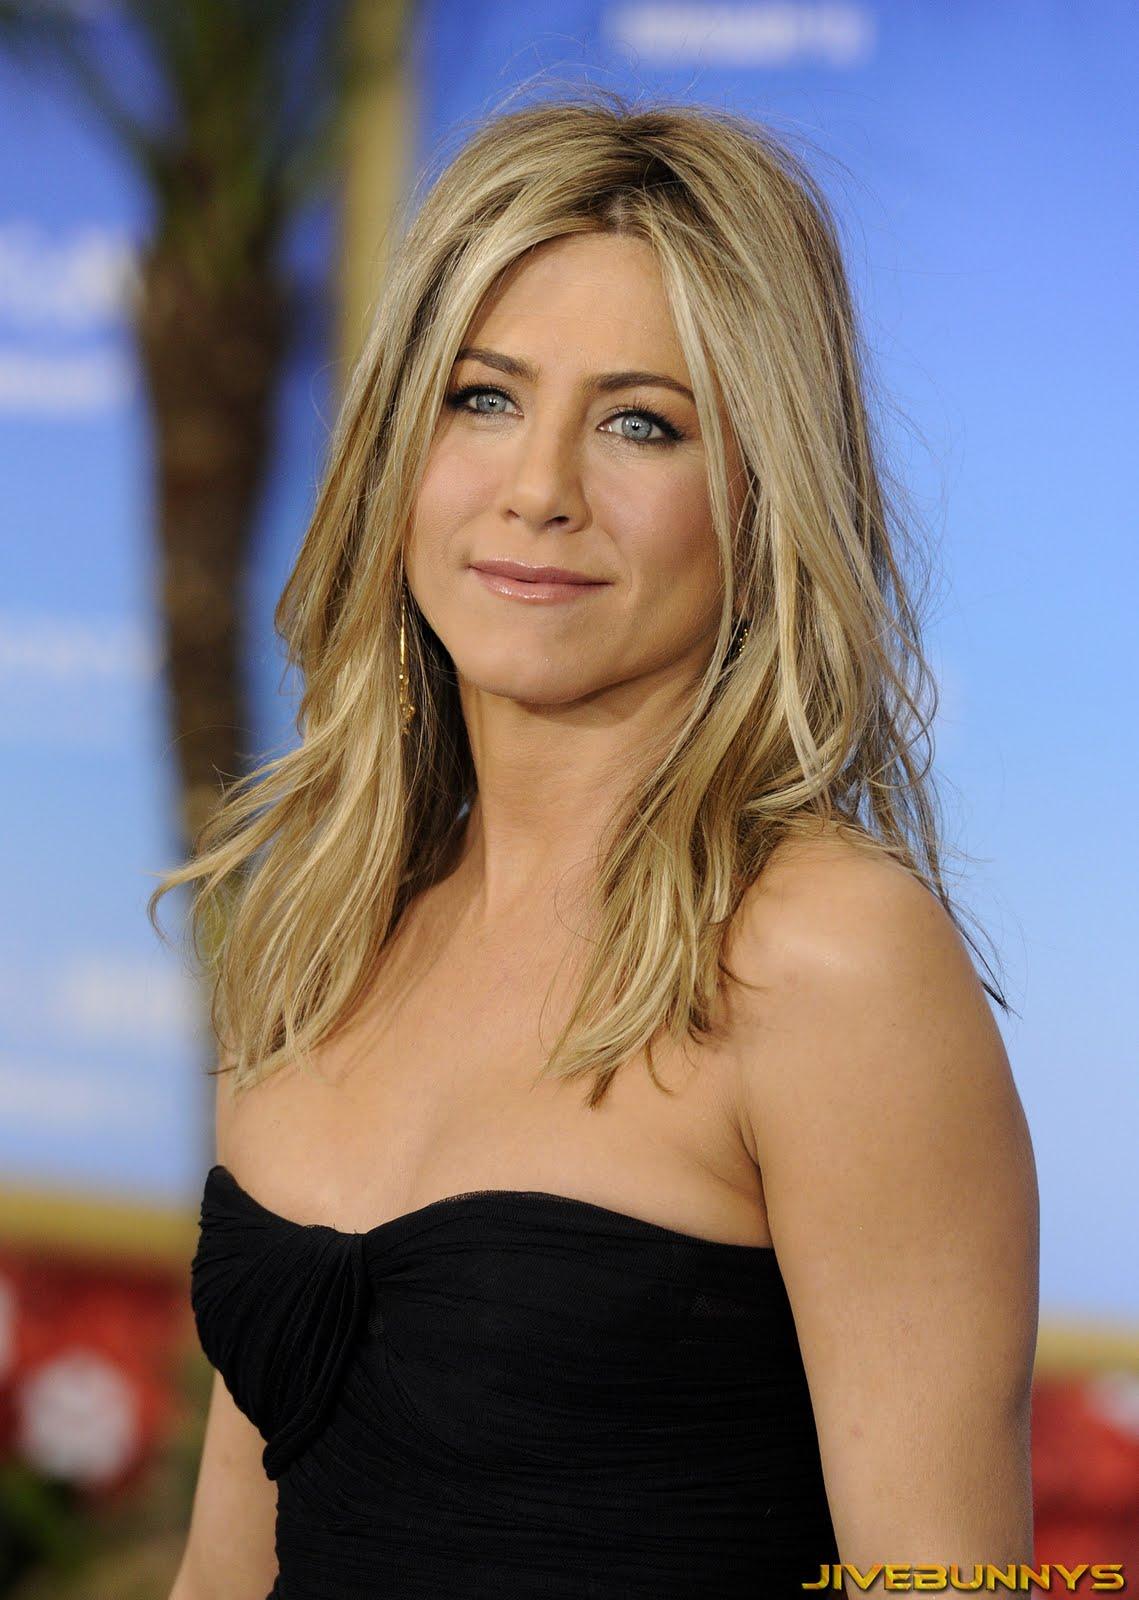 http://2.bp.blogspot.com/-xPJAeOU3vIk/ThOV0KvoZZI/AAAAAAAADdw/Uwvp_wtA1io/s1600/Jennifer+Aniston.jpg